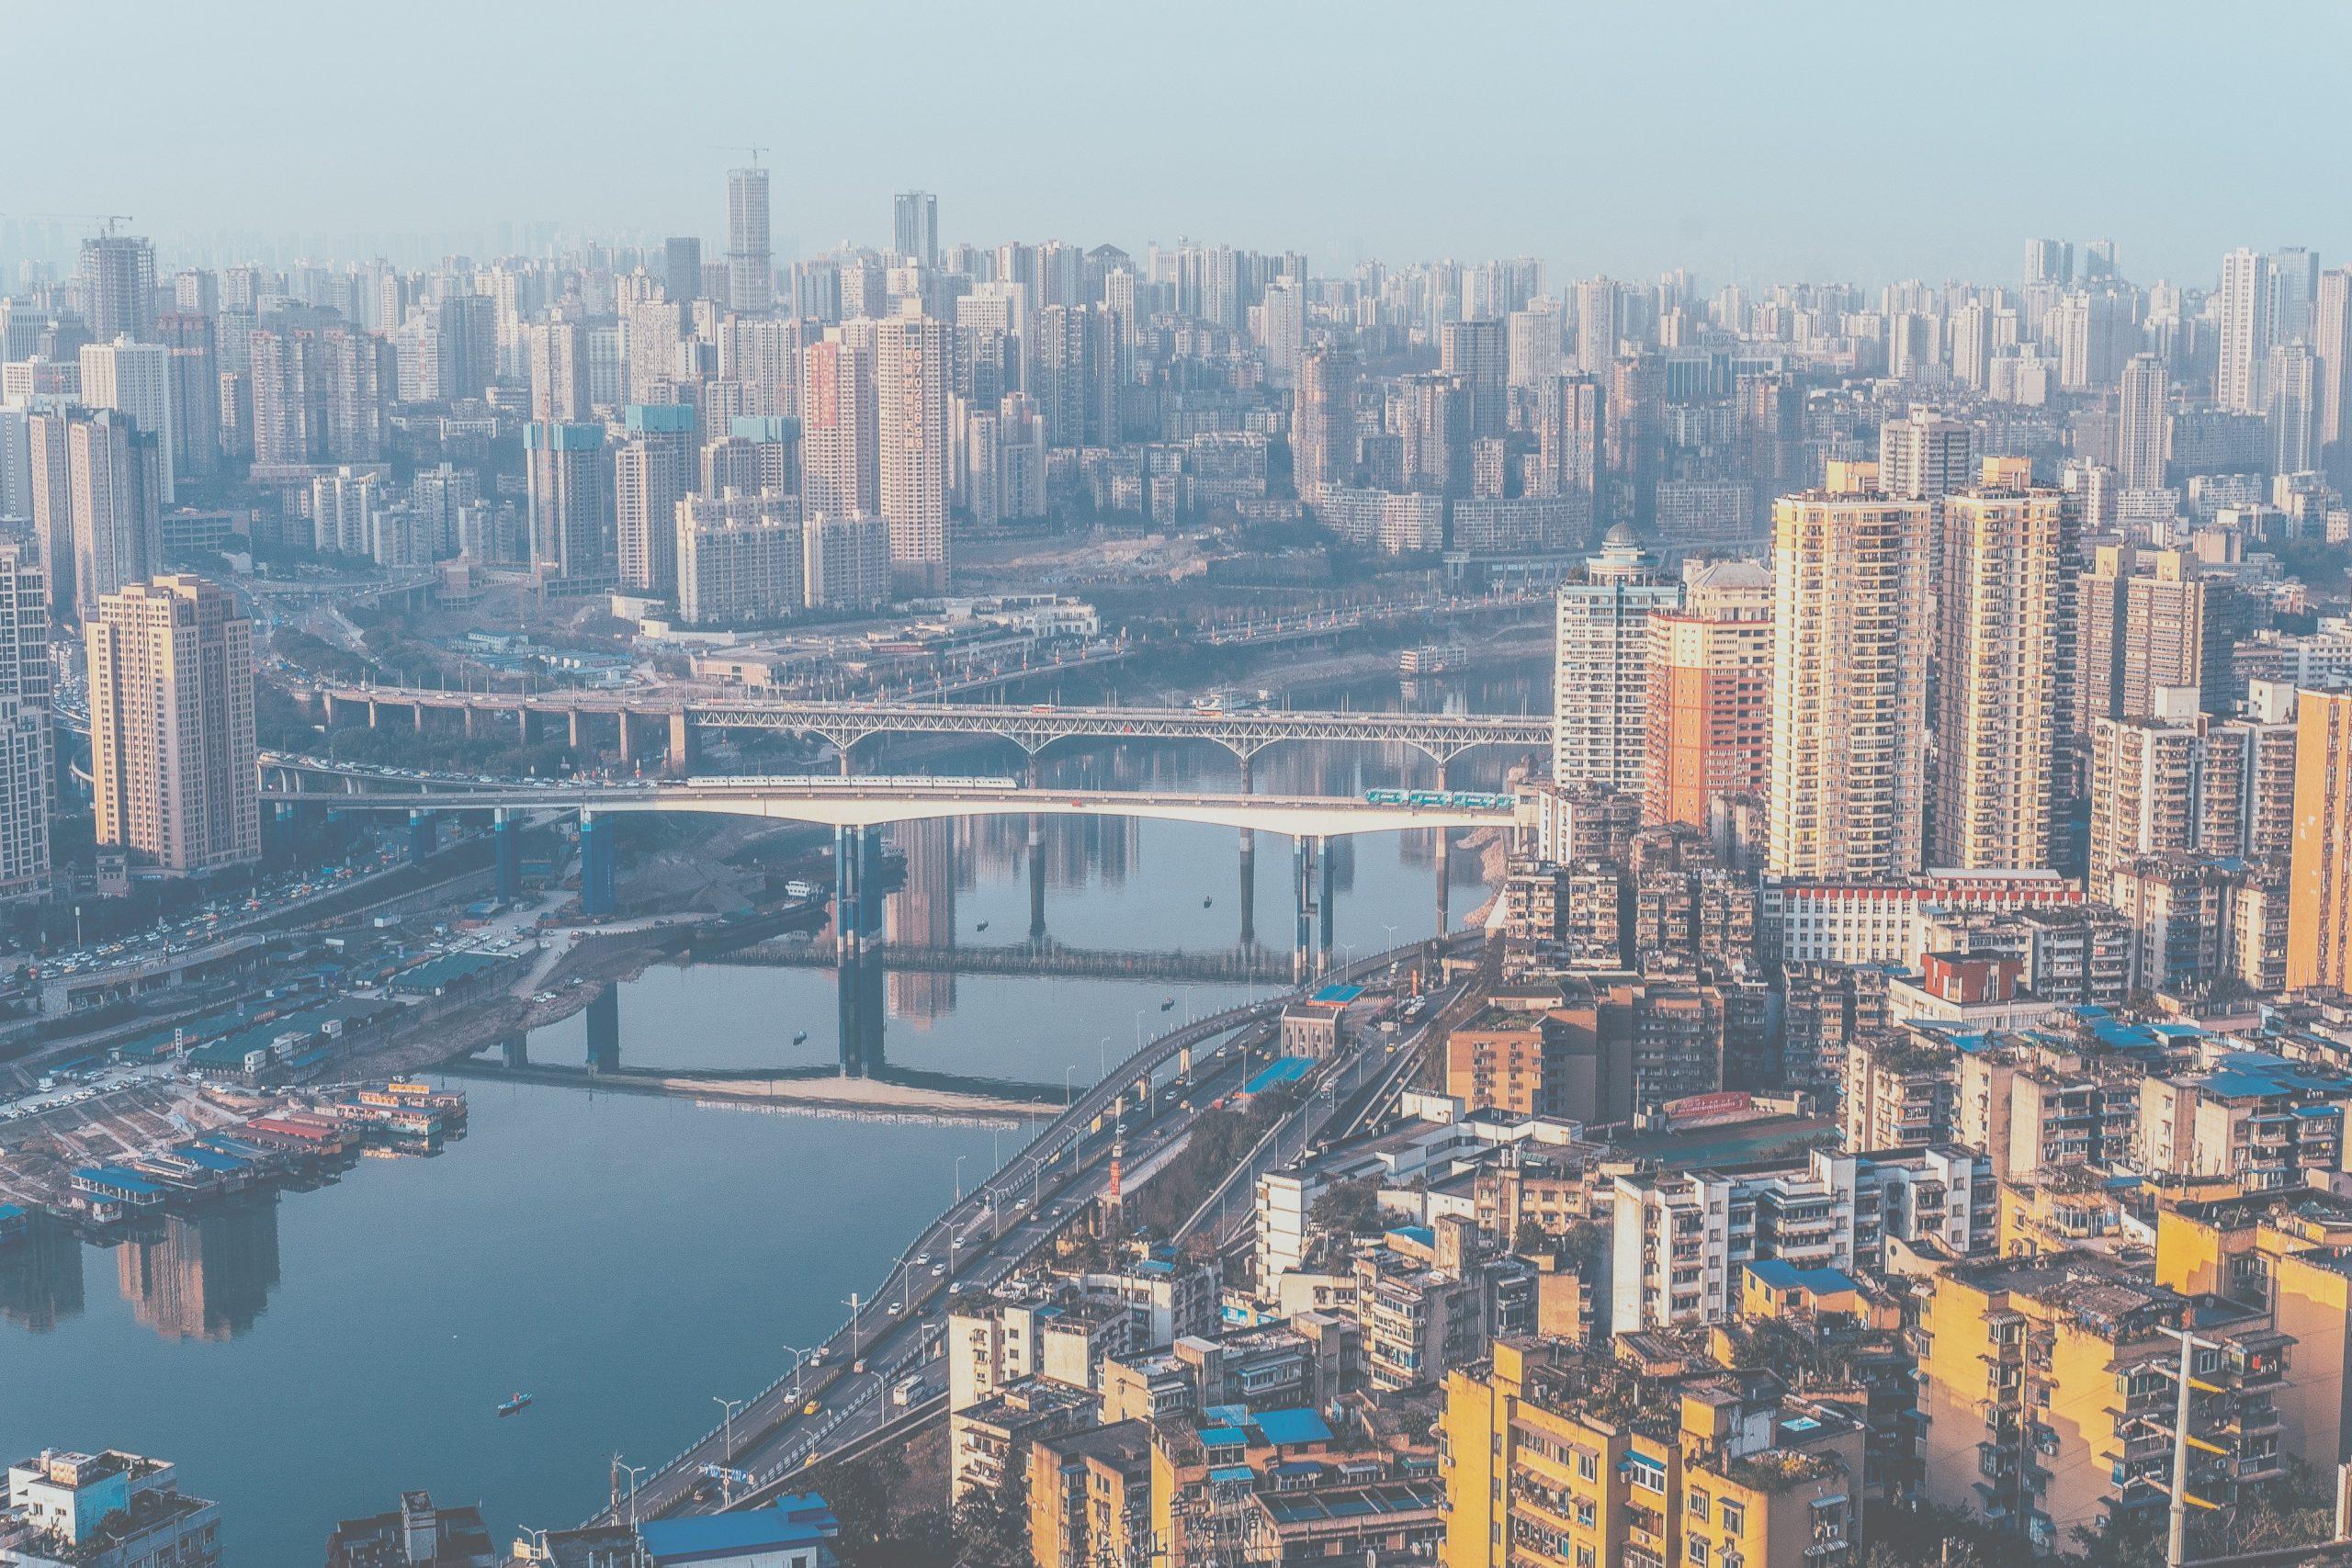 中国が60年までにカーボンニュートラル、石炭発電所の新設は続く